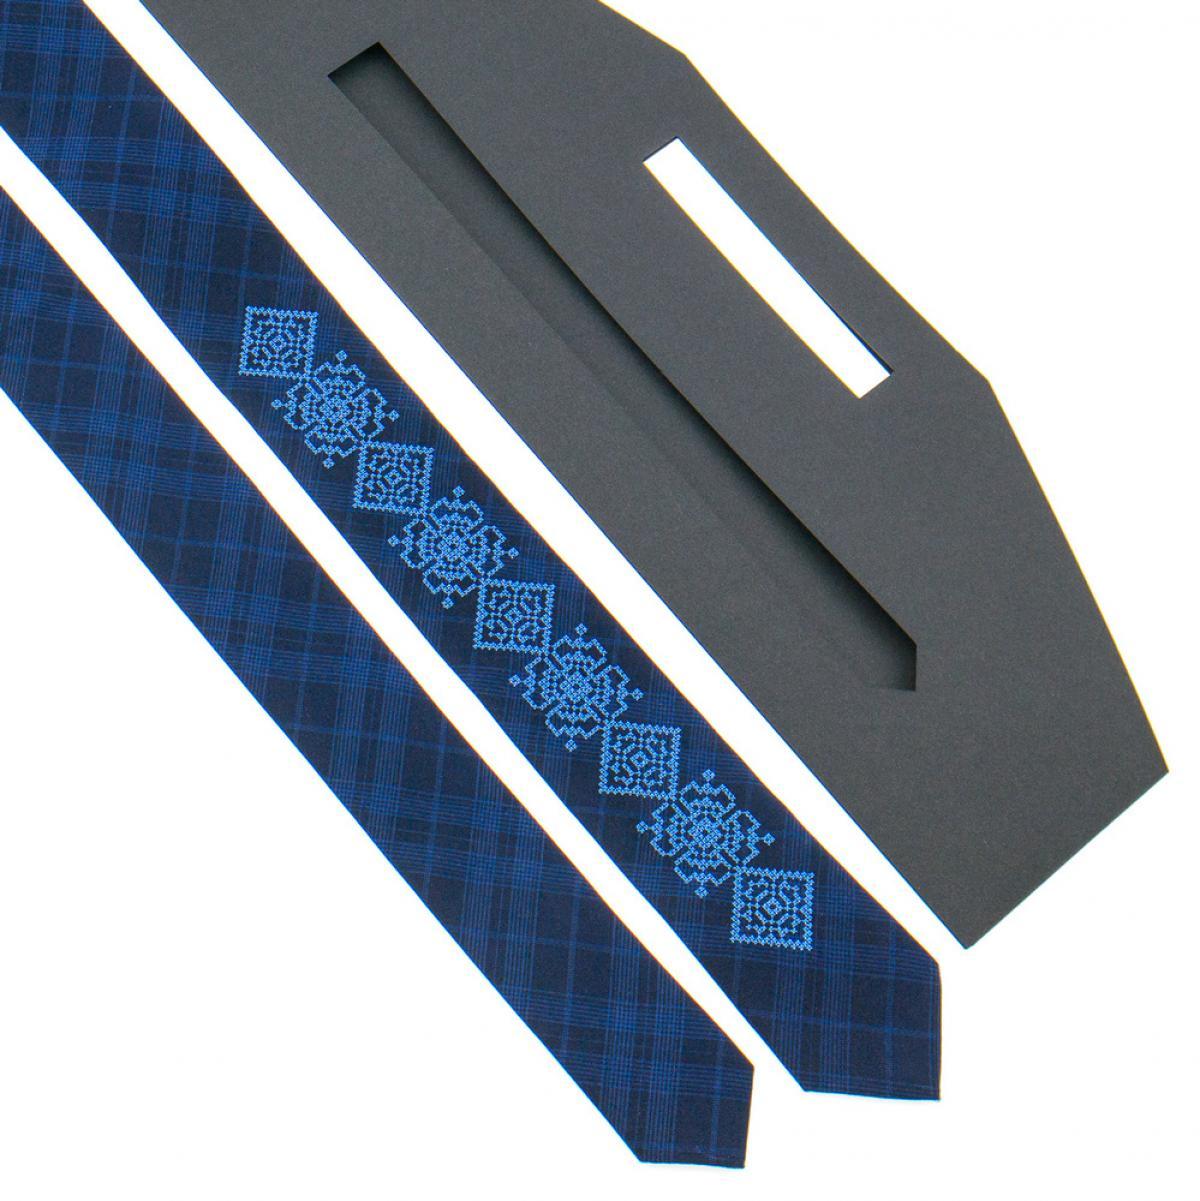 Тонка вишита краватка синя. Фото №2. | Народний дім Україна